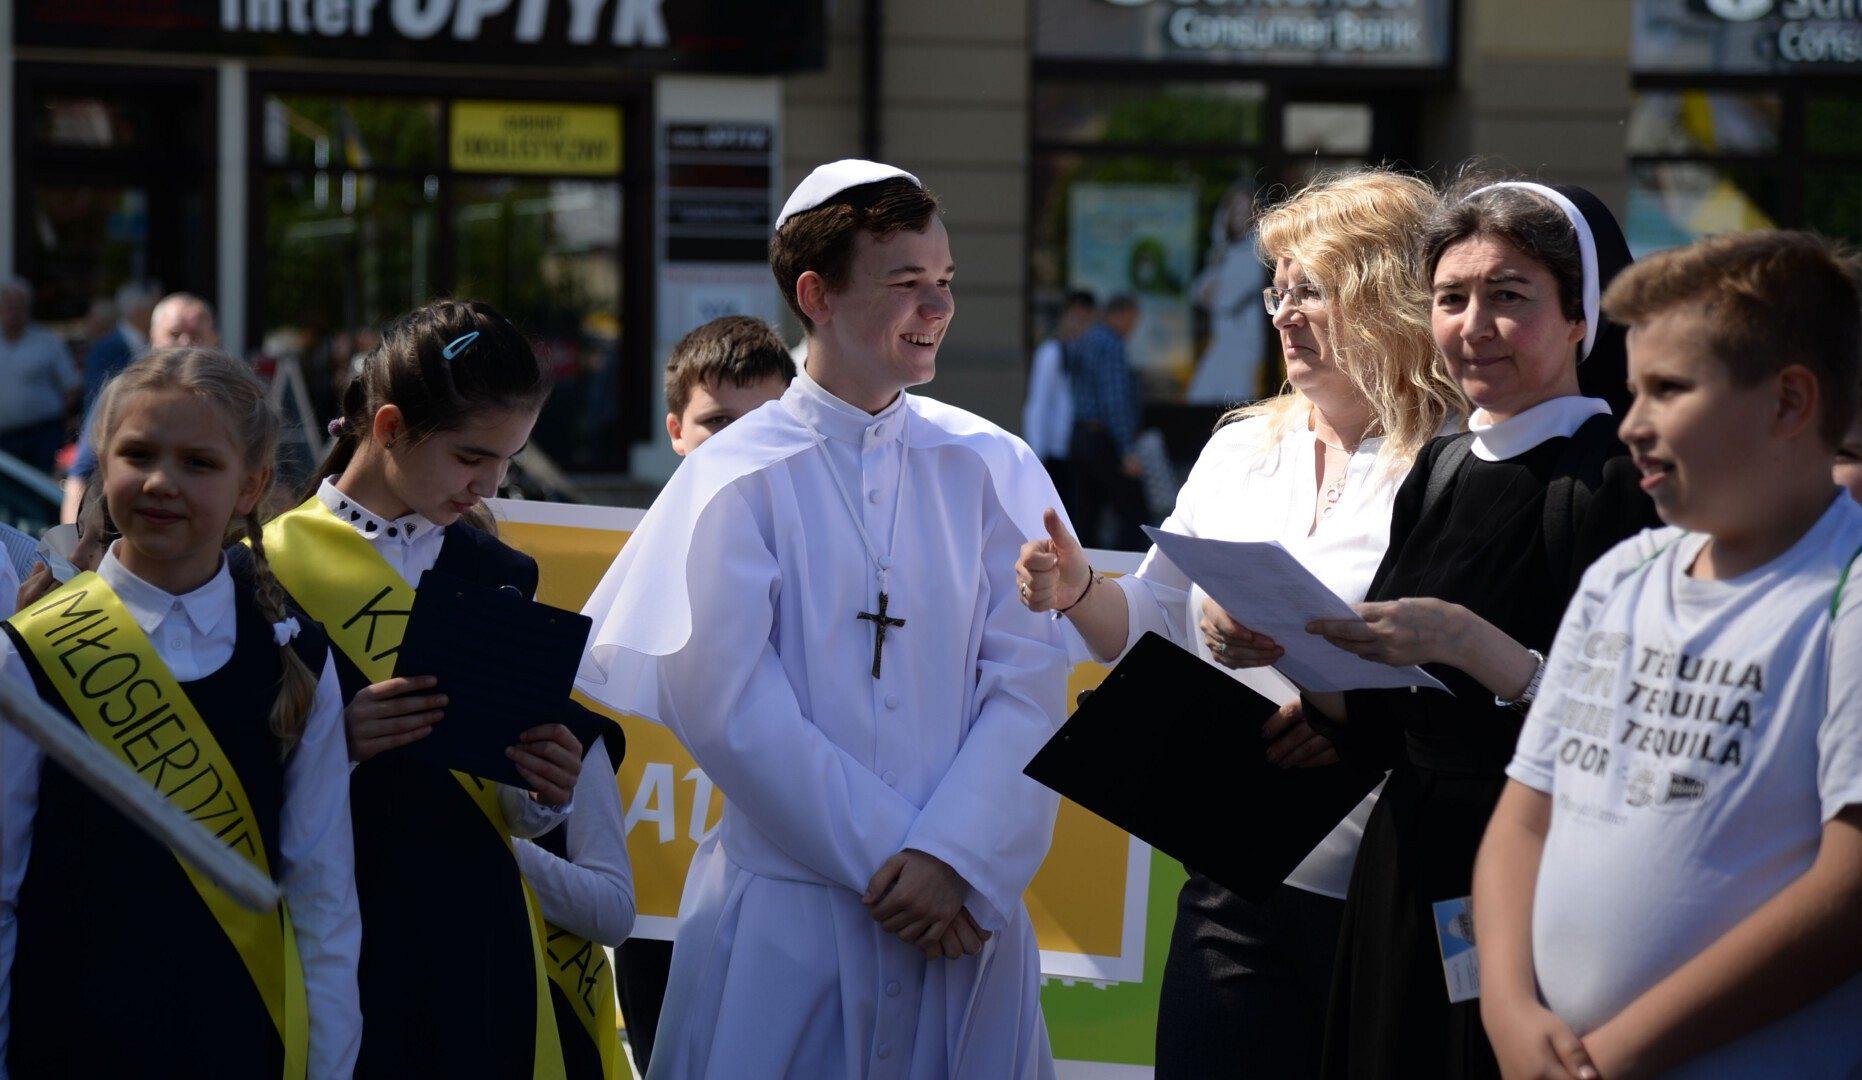 To będzie Maj! Wadowice zapraszają na Światowe Dni Pamięci św. Jana Pawła II [PROGRAM]